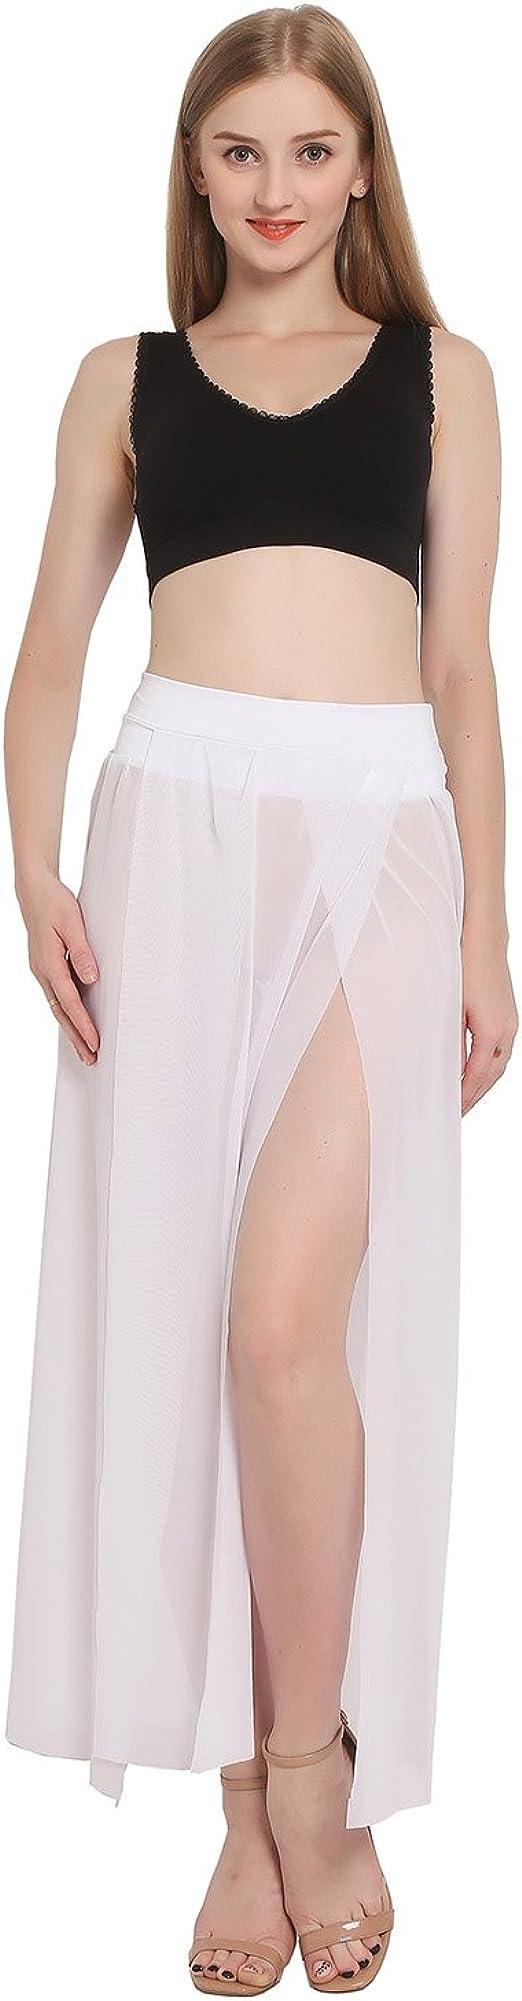 JAKY Pareo para mujer Playa falda de hendidura lateral Maxi ...